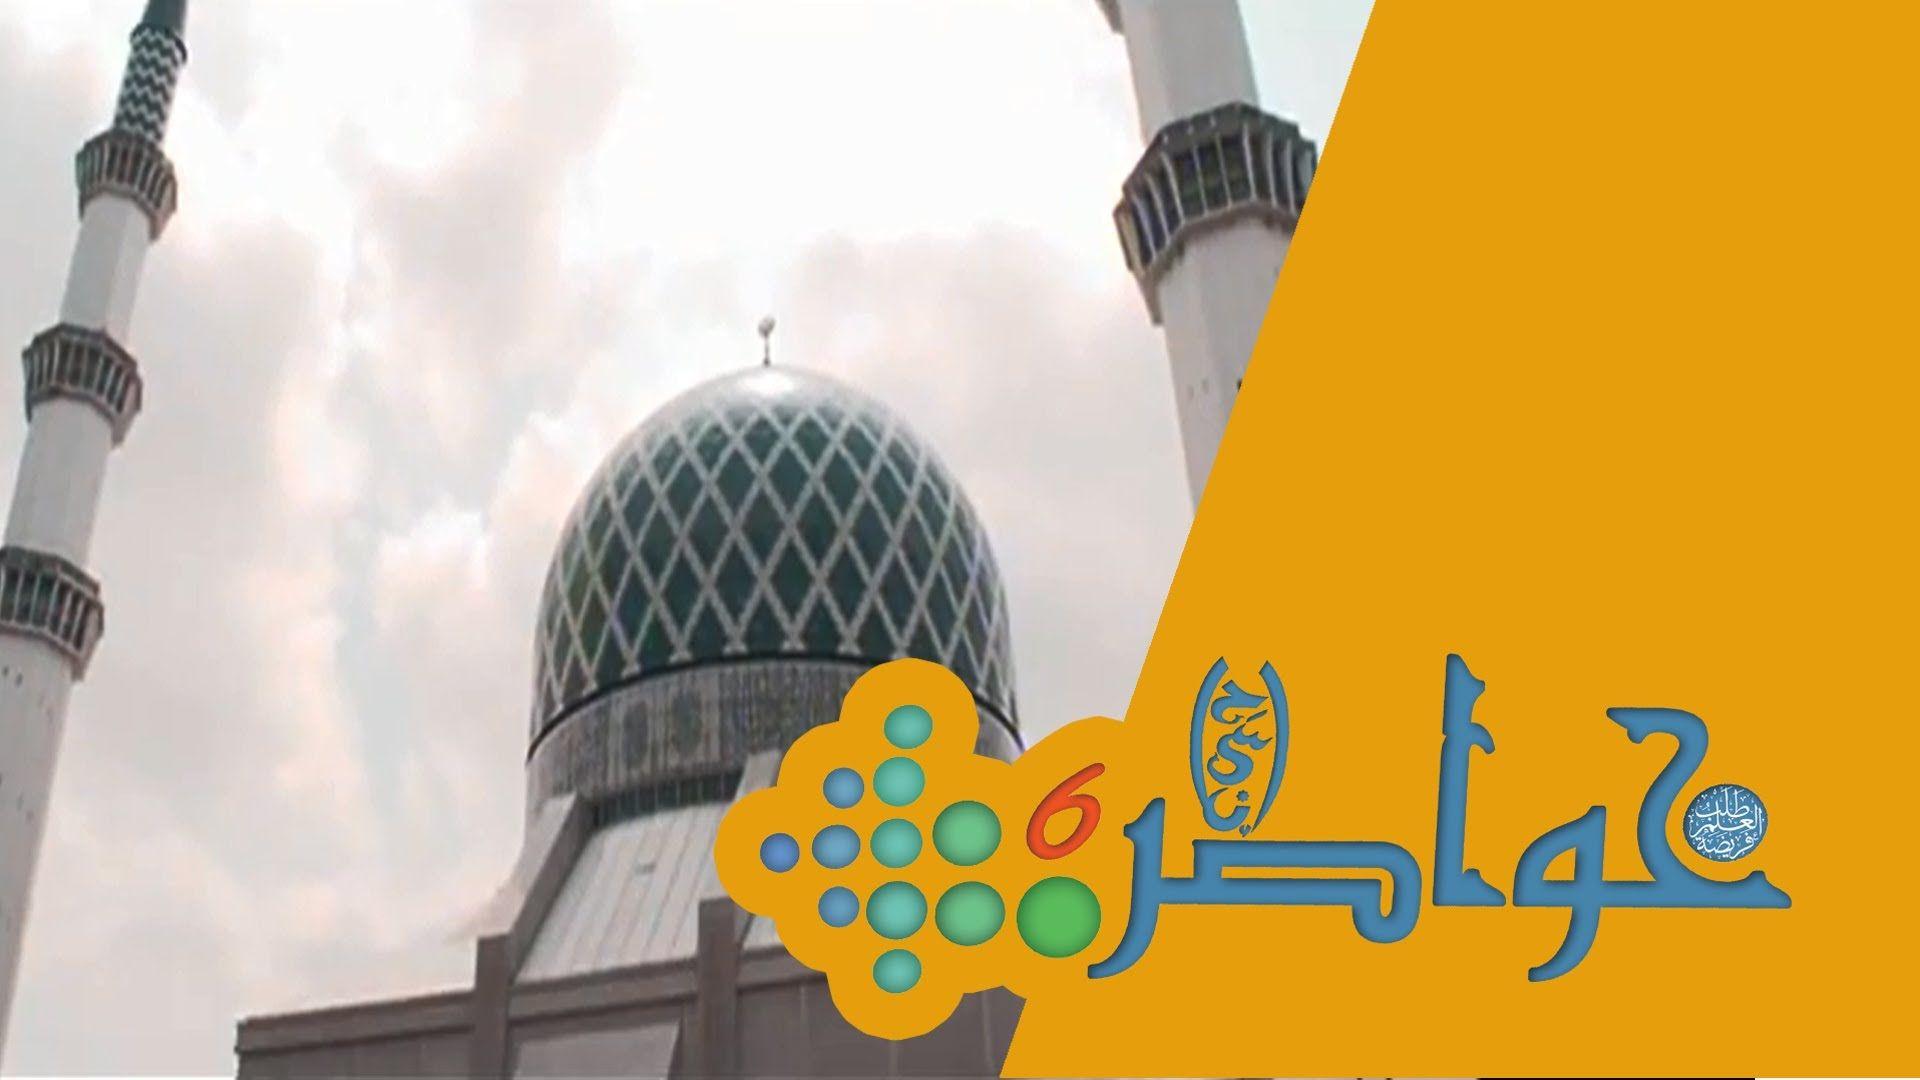 خواطر 6 الحلقة 11 مساجد غير Movie Posters Landmarks Cn Tower